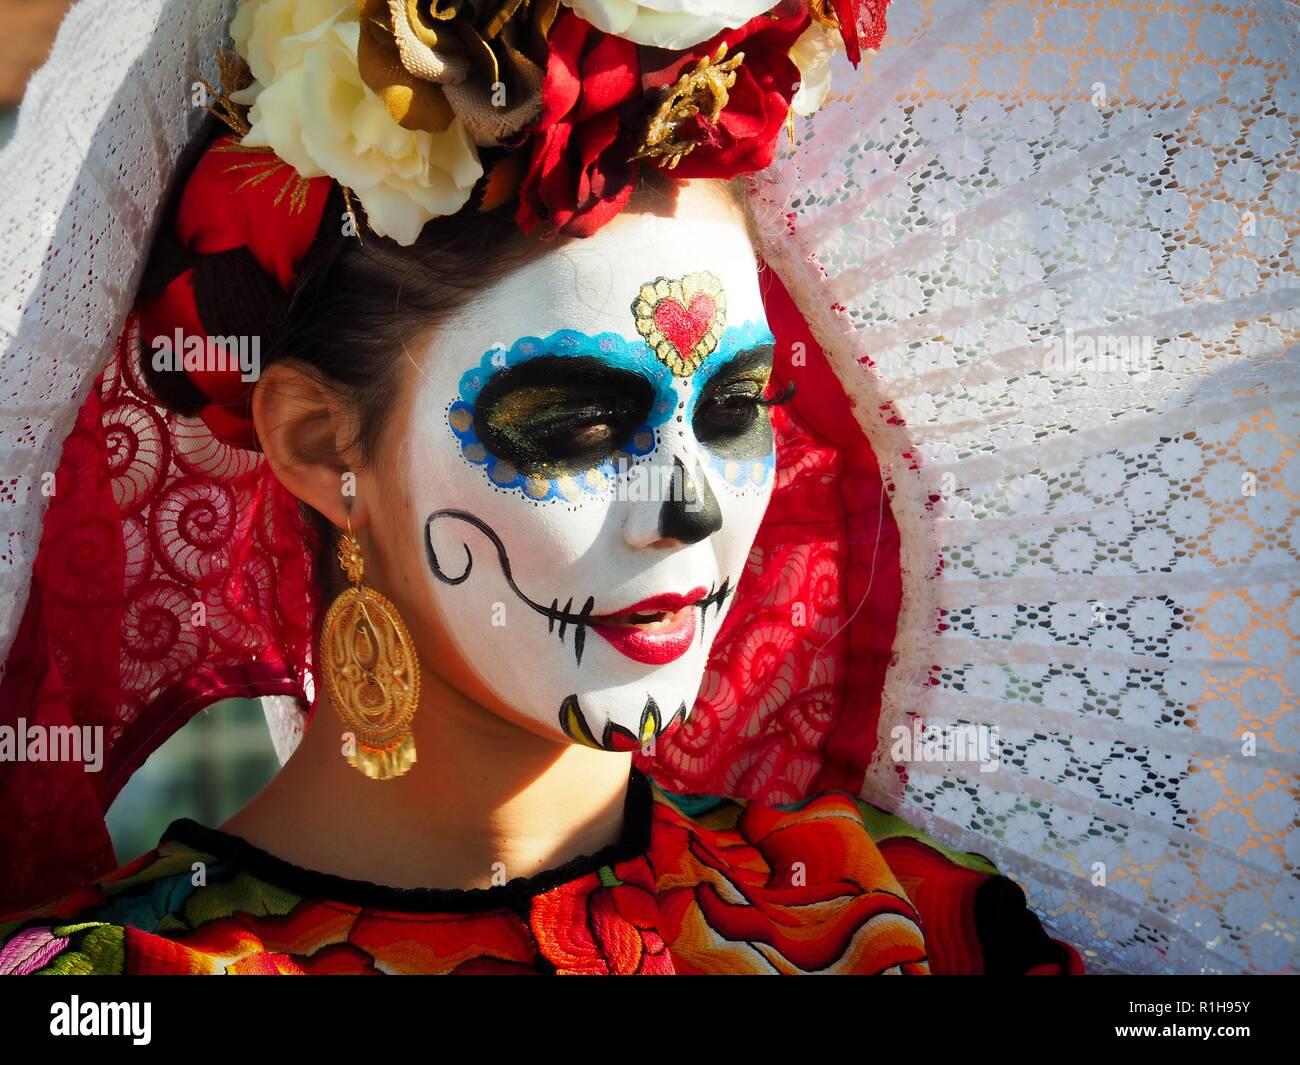 Día de los Muertos Foto Stock